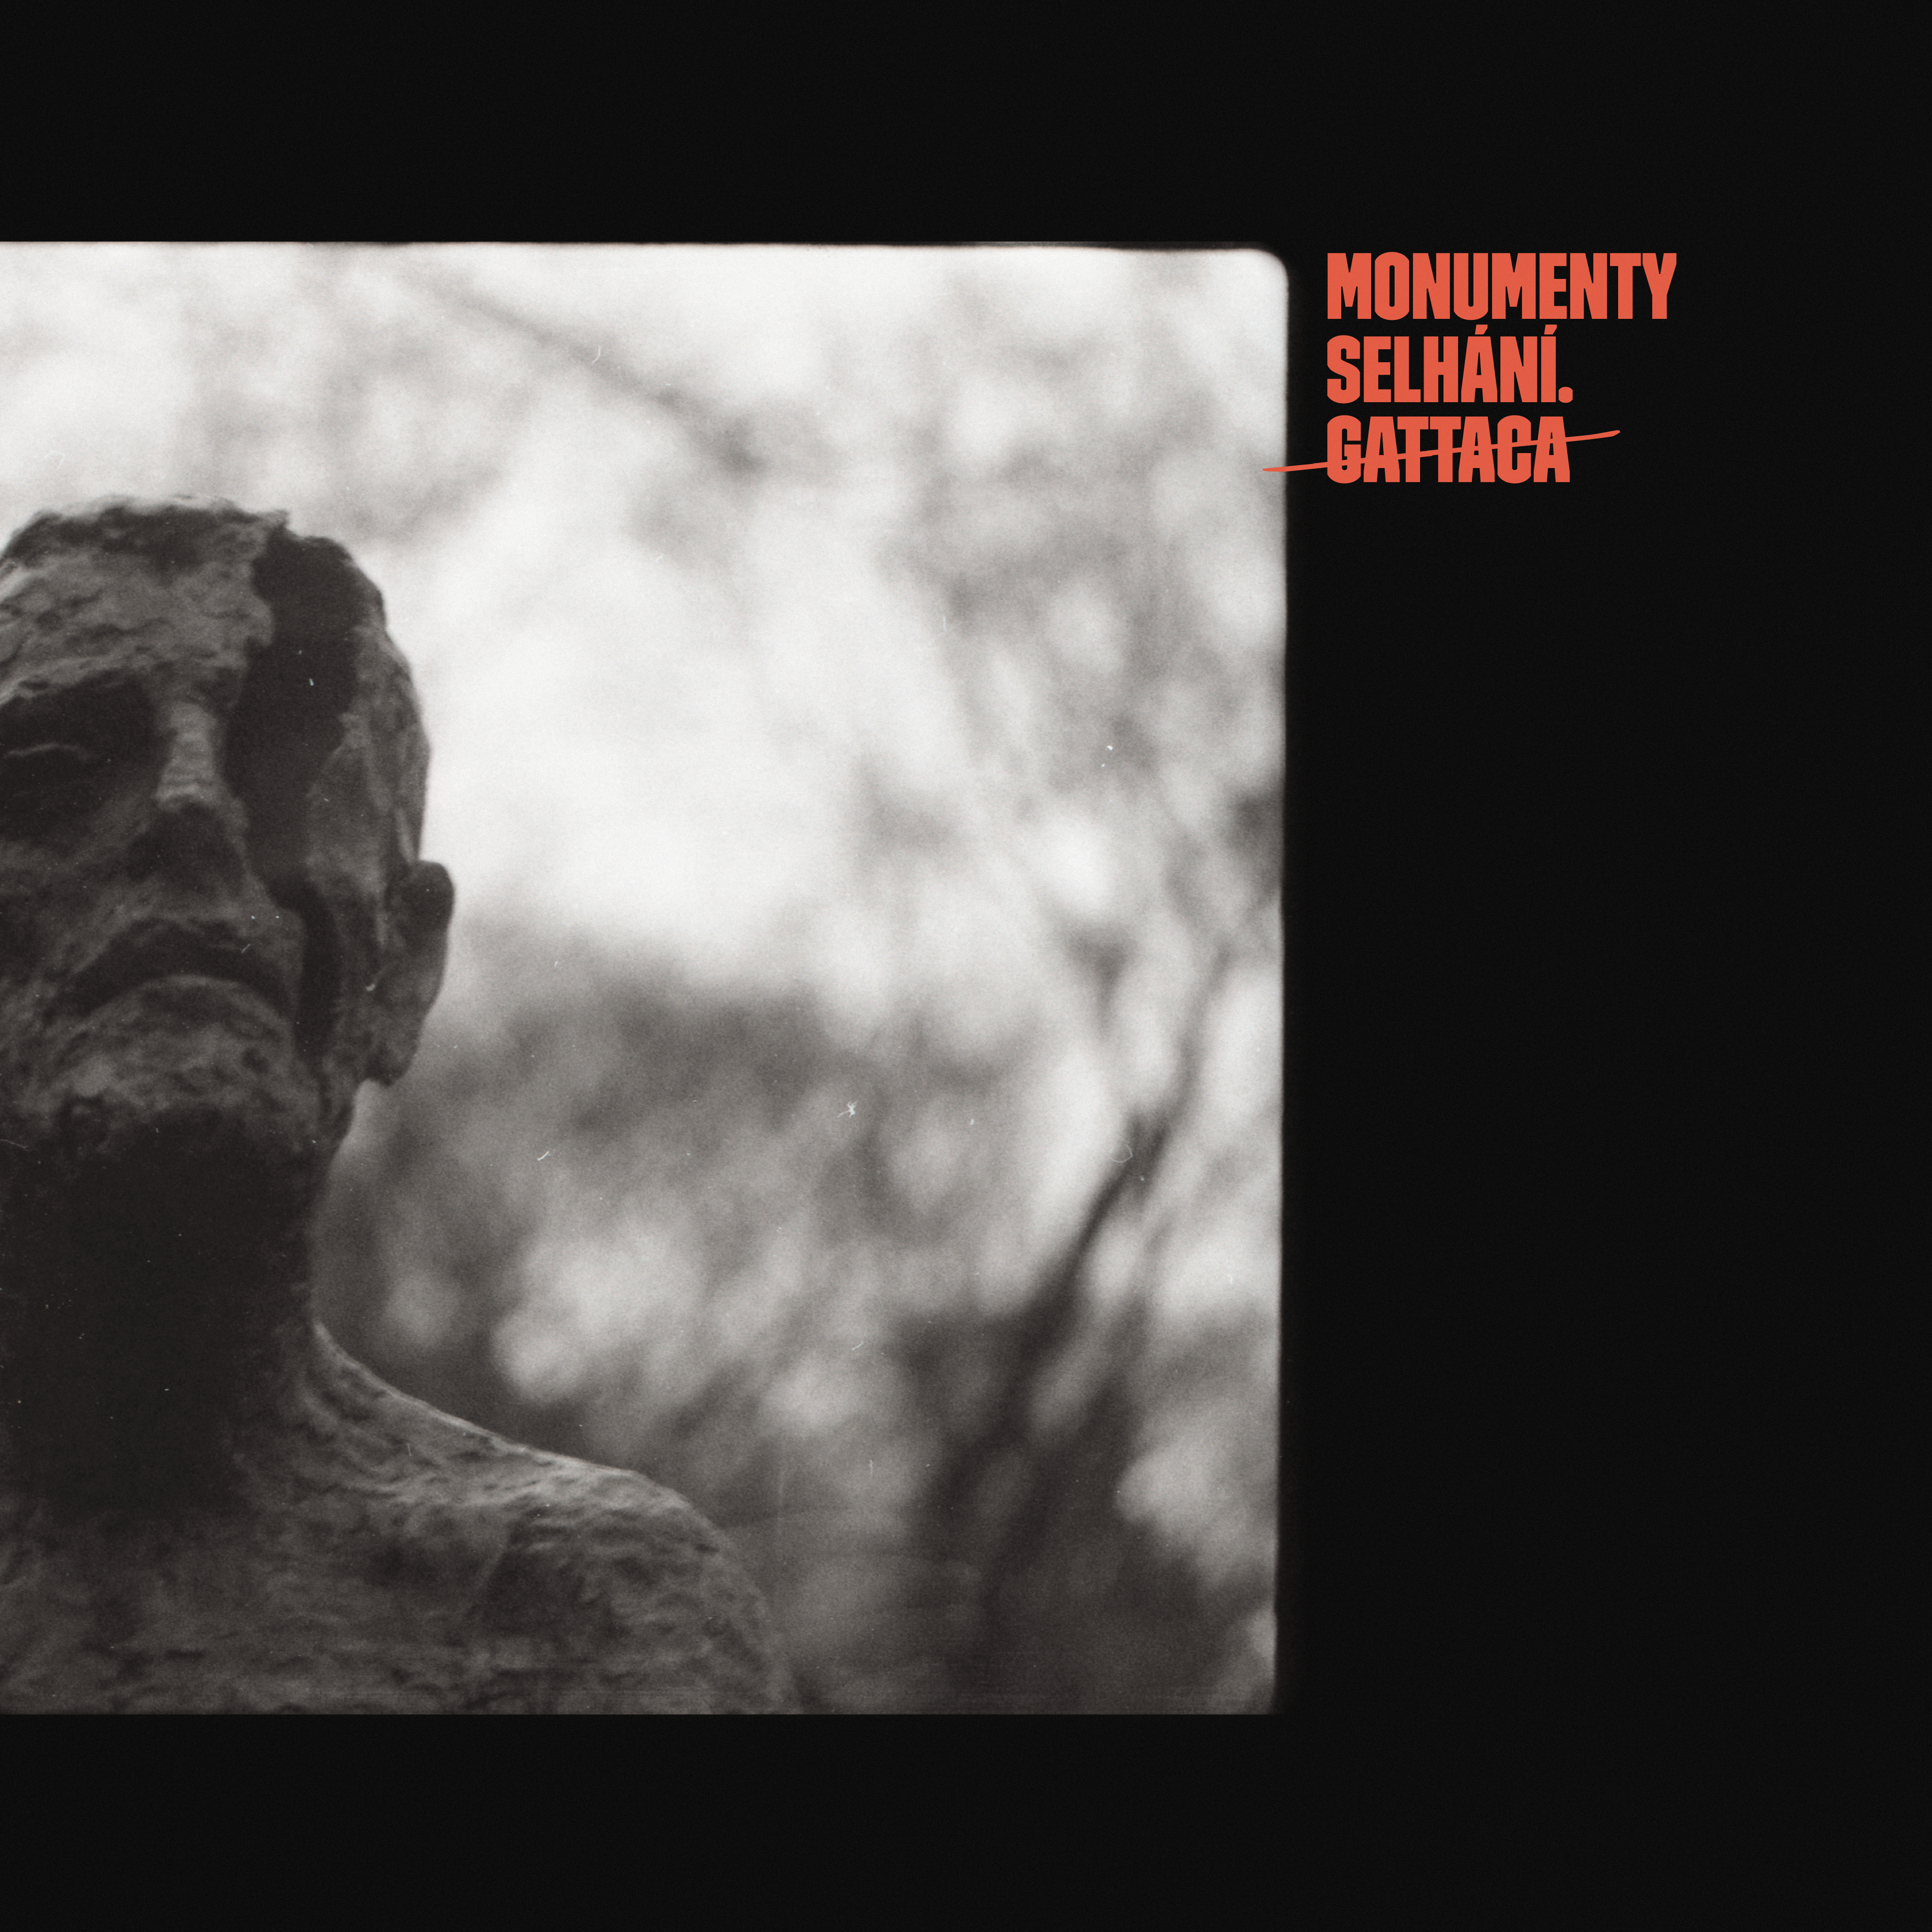 Gattaca - Monumenty Selhani